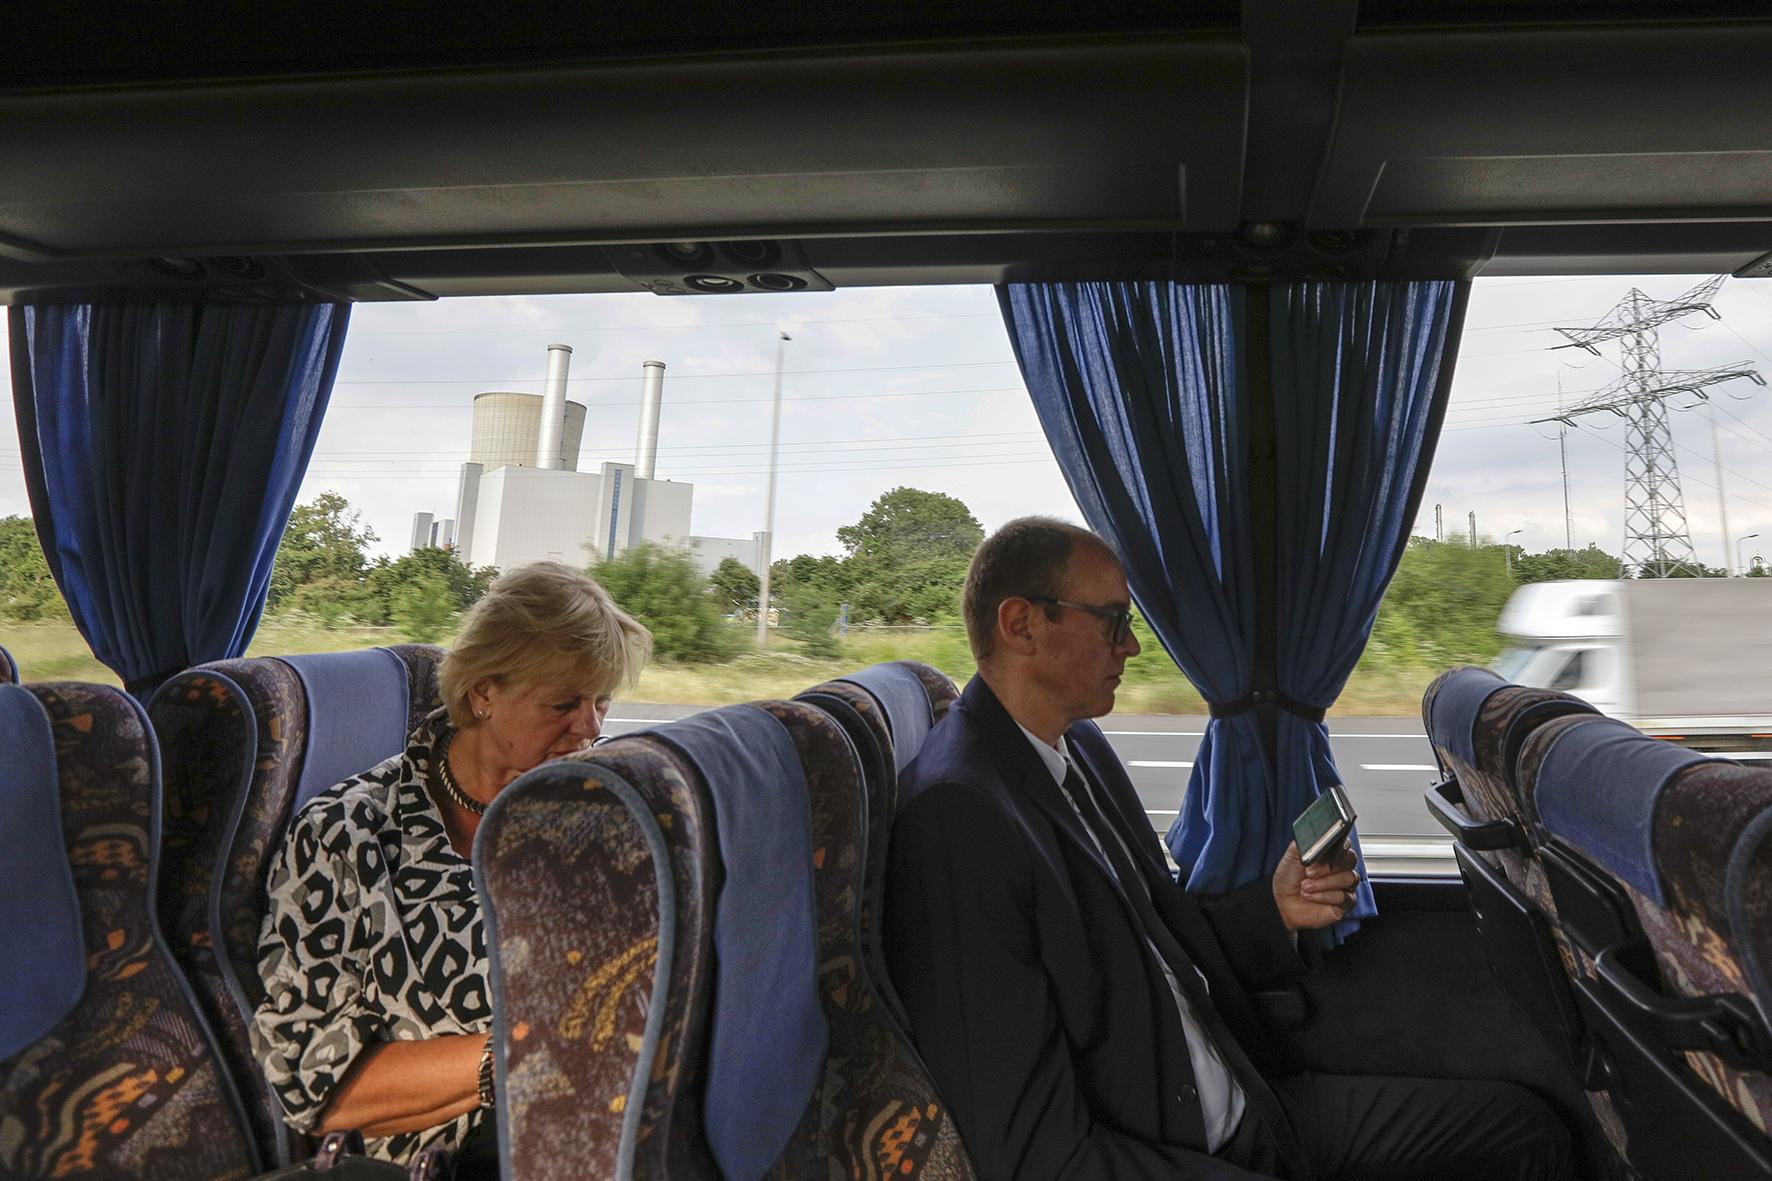 Burgemeesters excursie Sittard Stein (25)